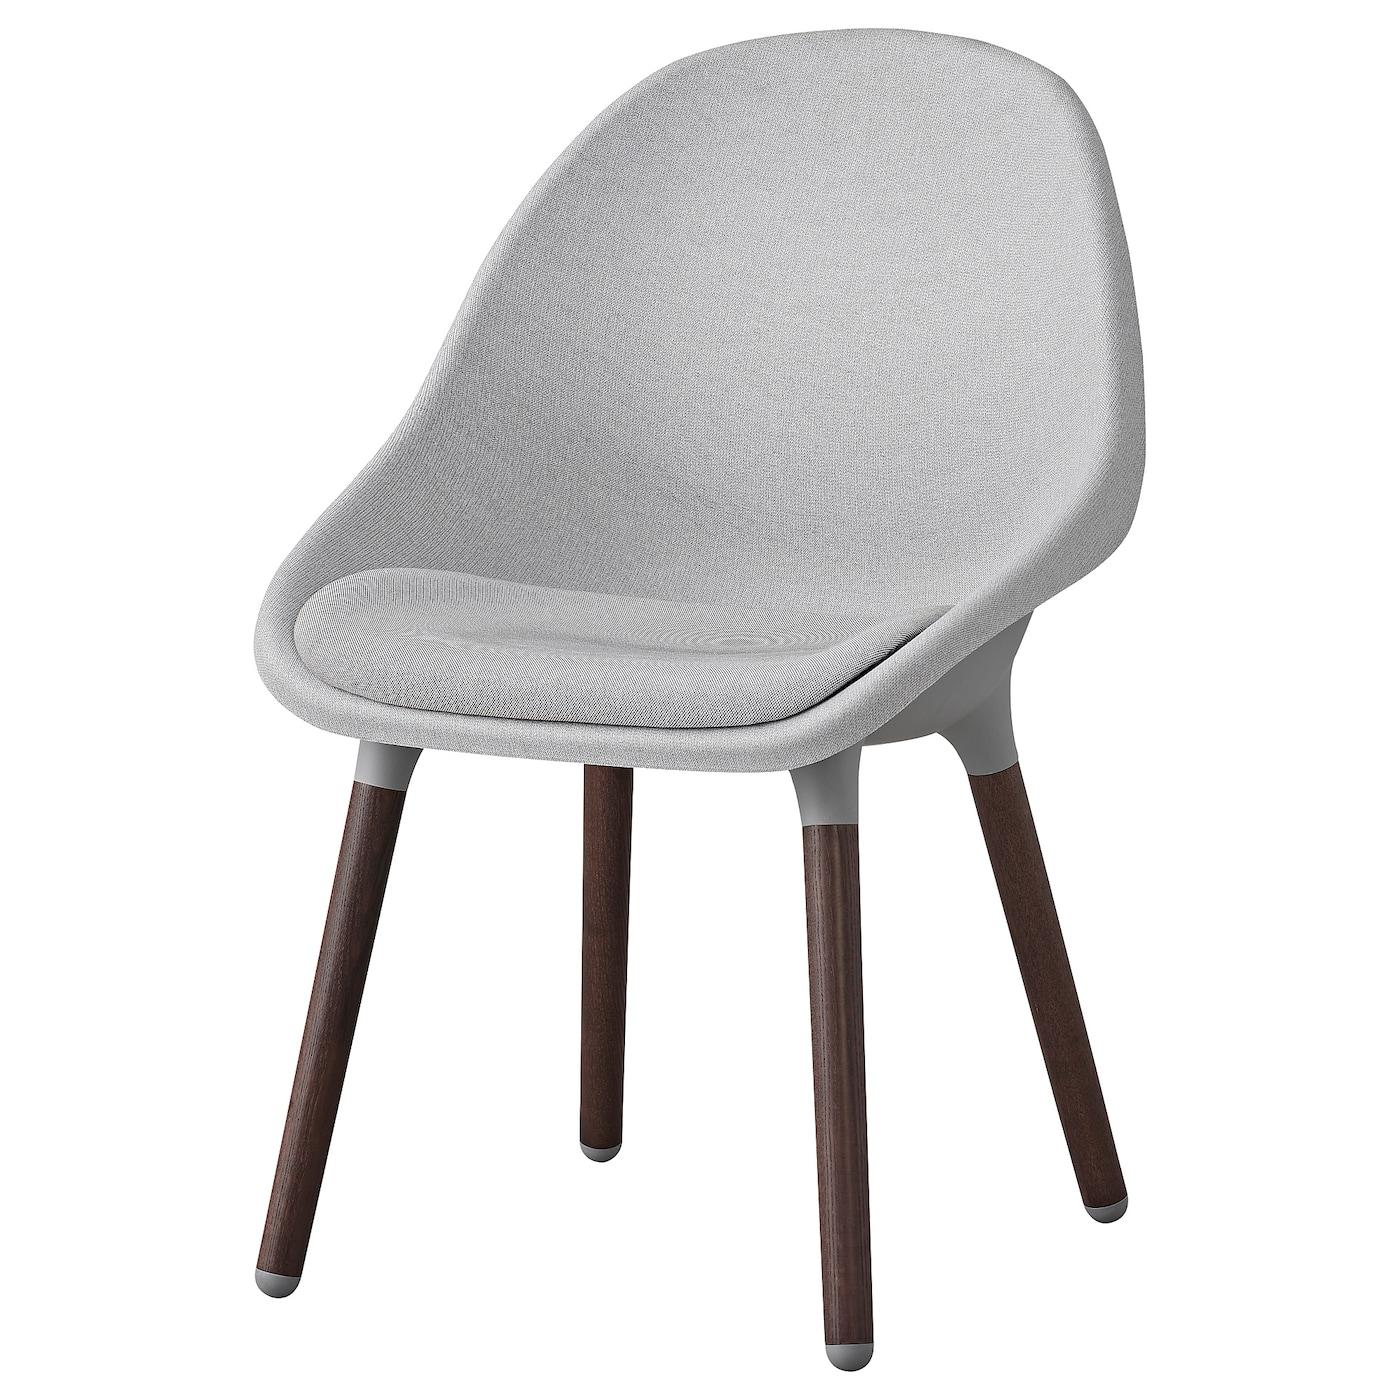 Sillas de Comedor, Salón y Cocina | Compra Online IKEA